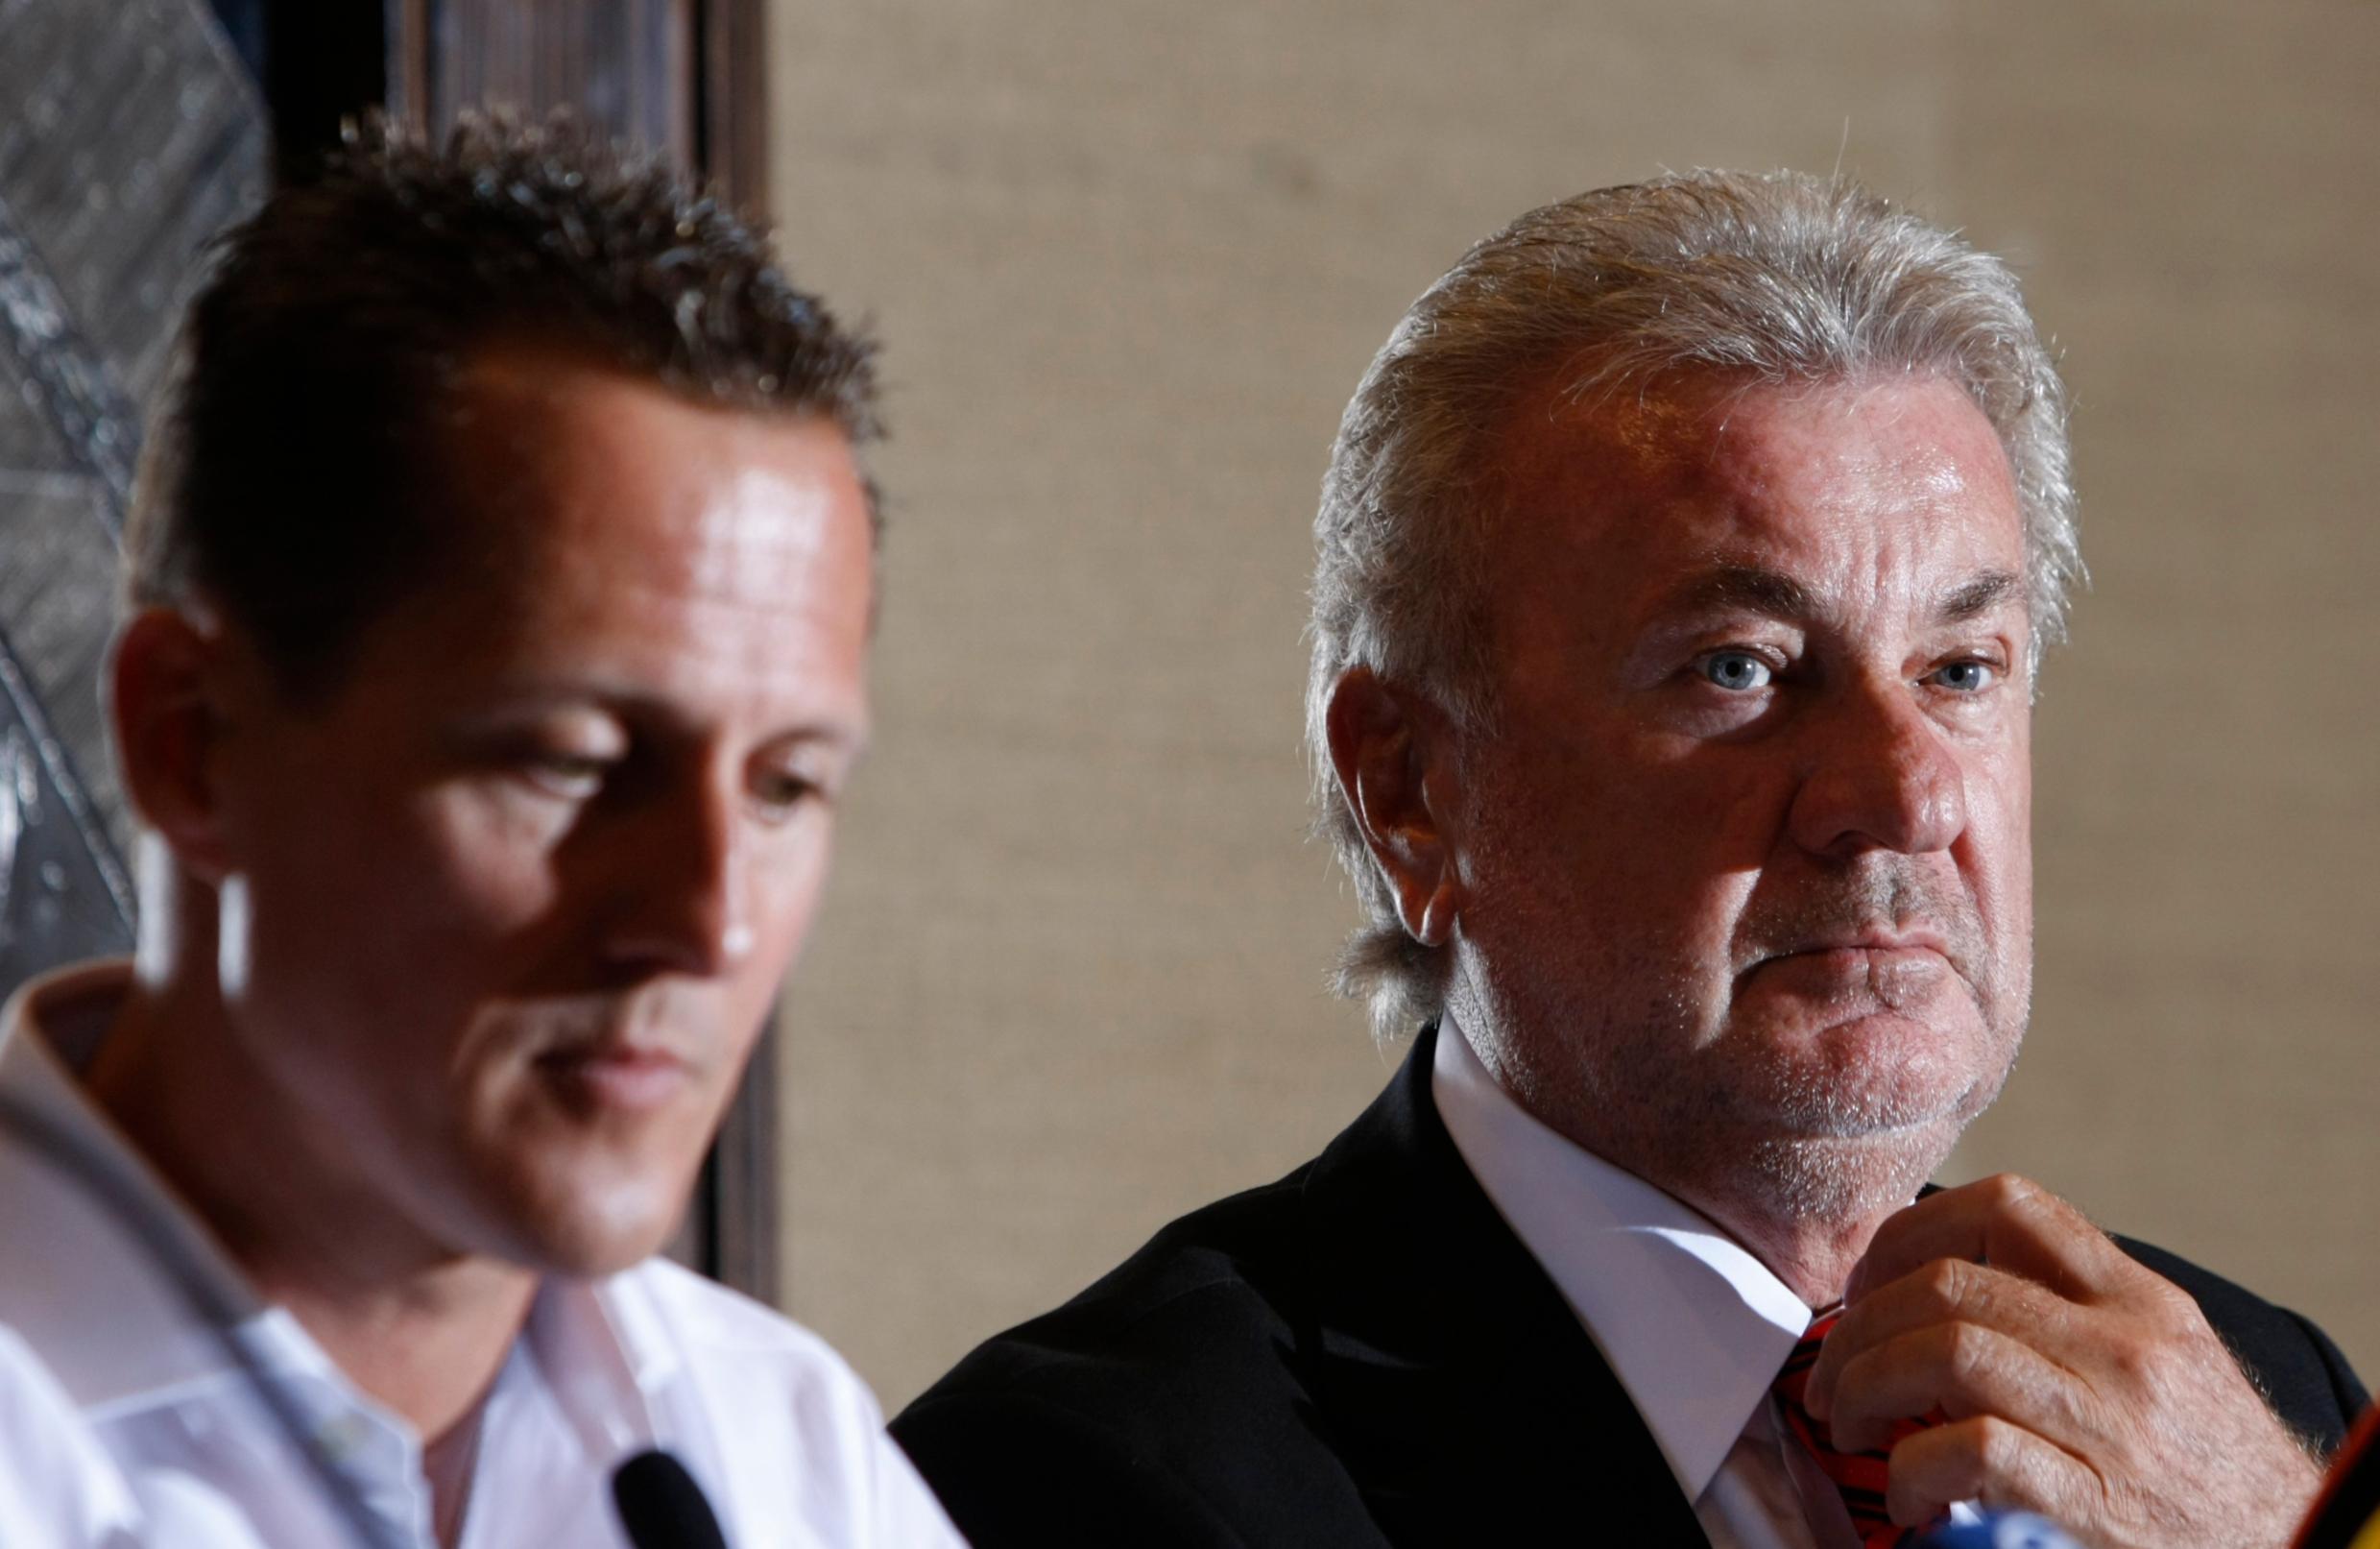 Michael Schumacher i Wilhelm Weber fotografirani 2009. godine na konferenciji za medije na kojoj je Schumacher zbog zdravstvenih problema odgodio povratak Formulu 1